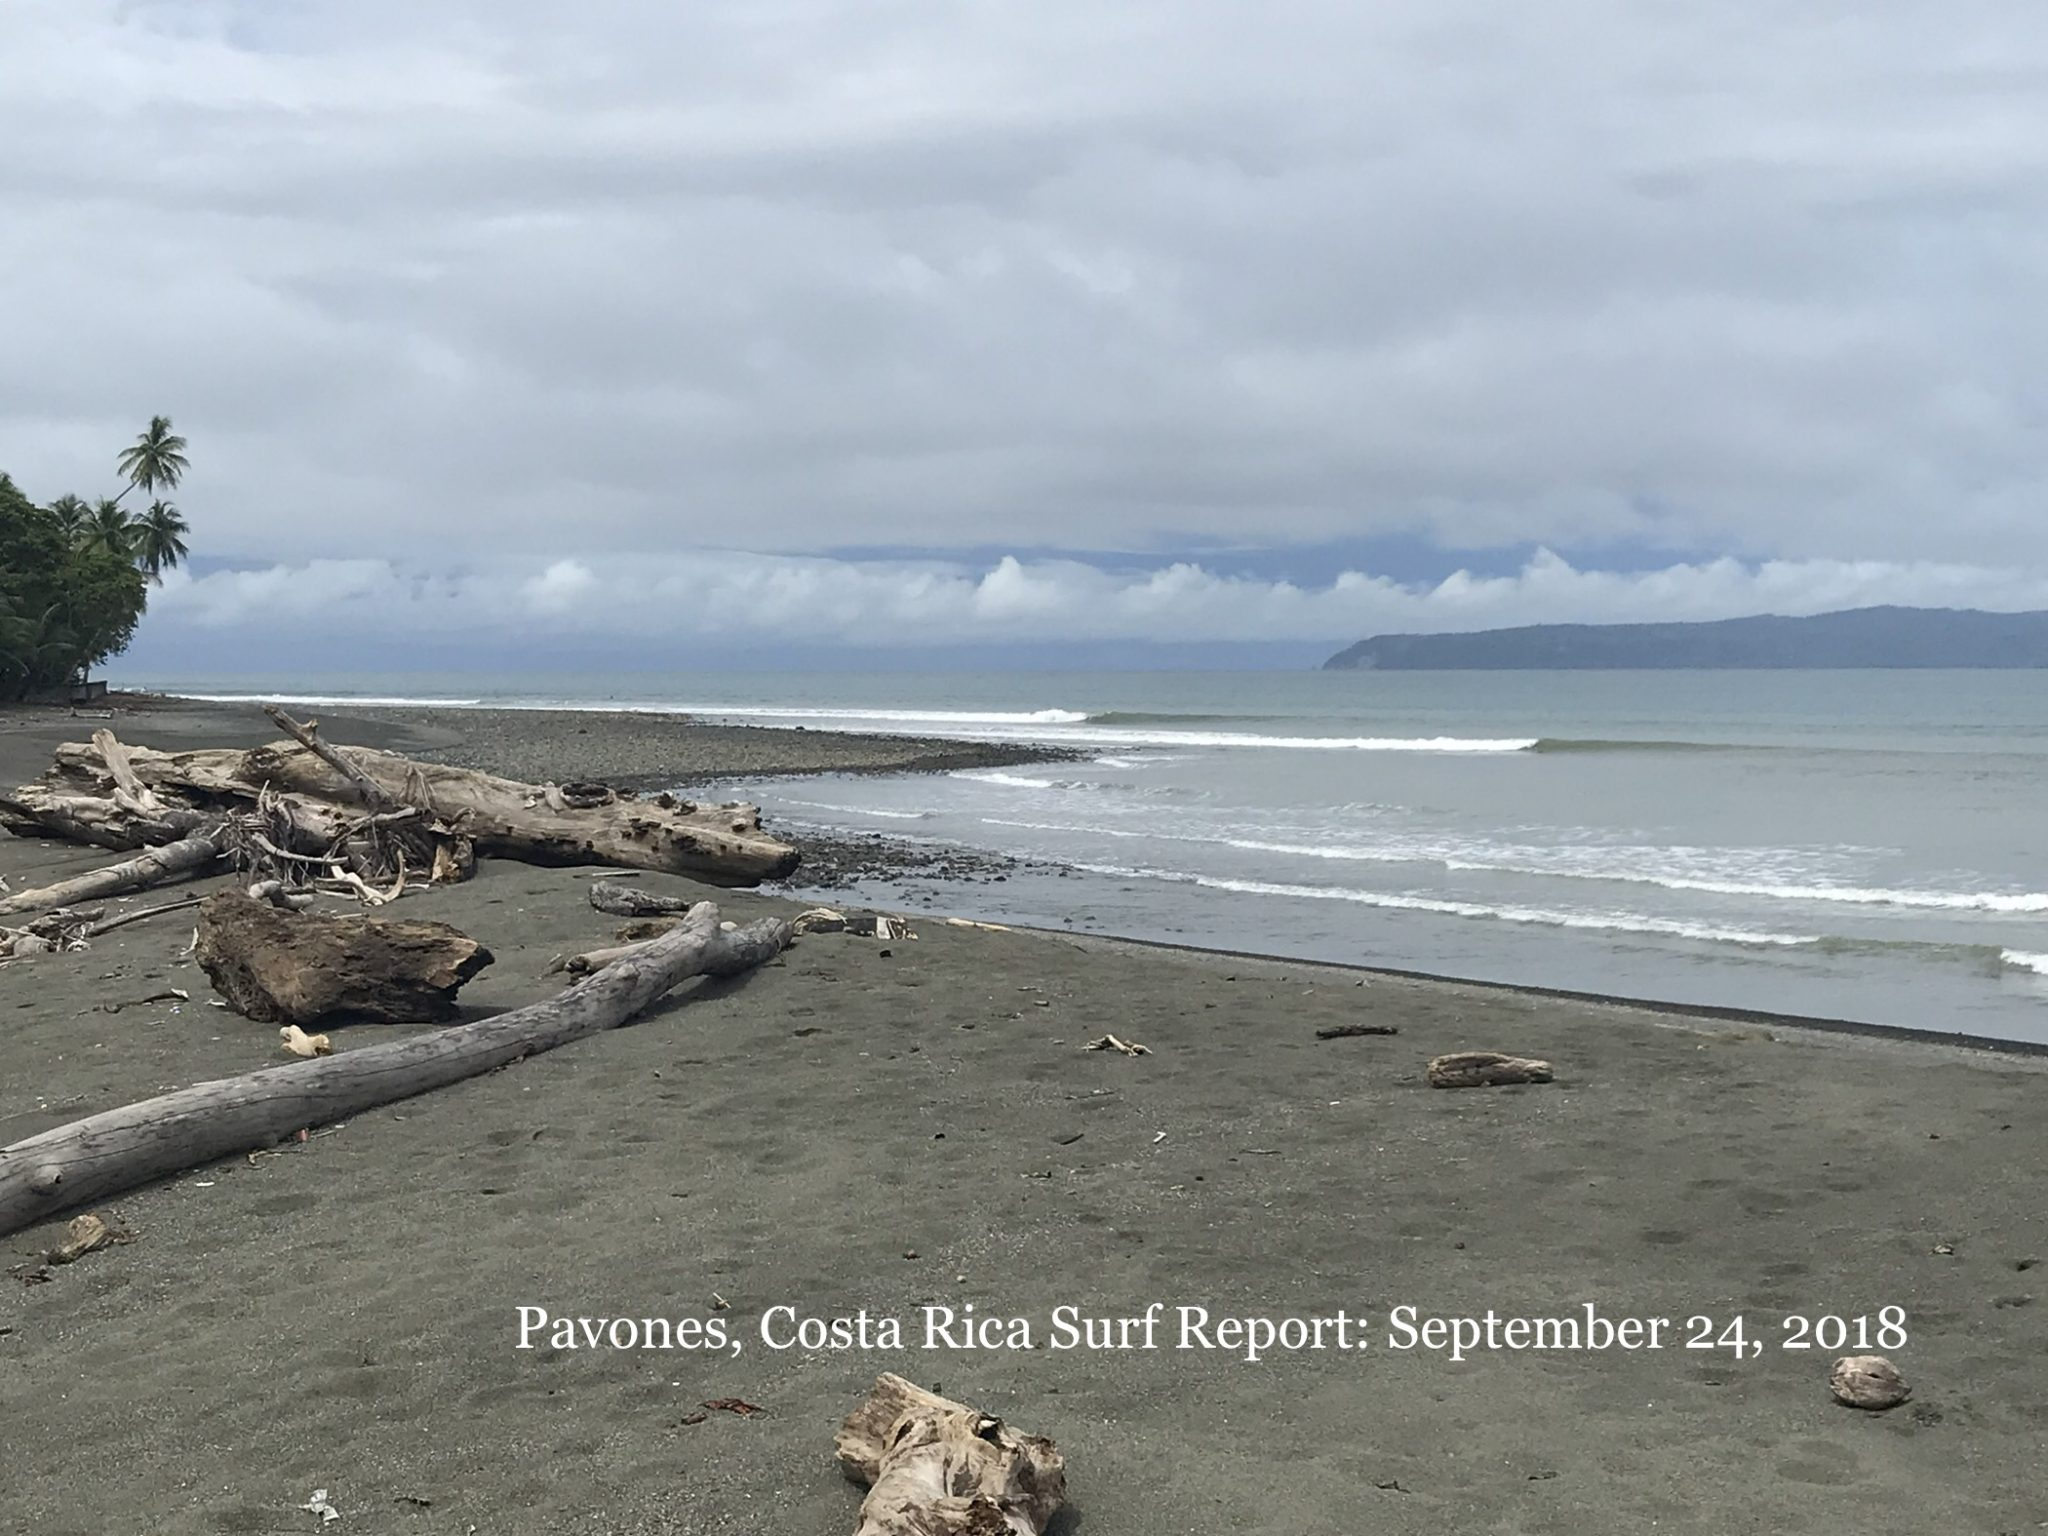 Pavones Surf Report Photos